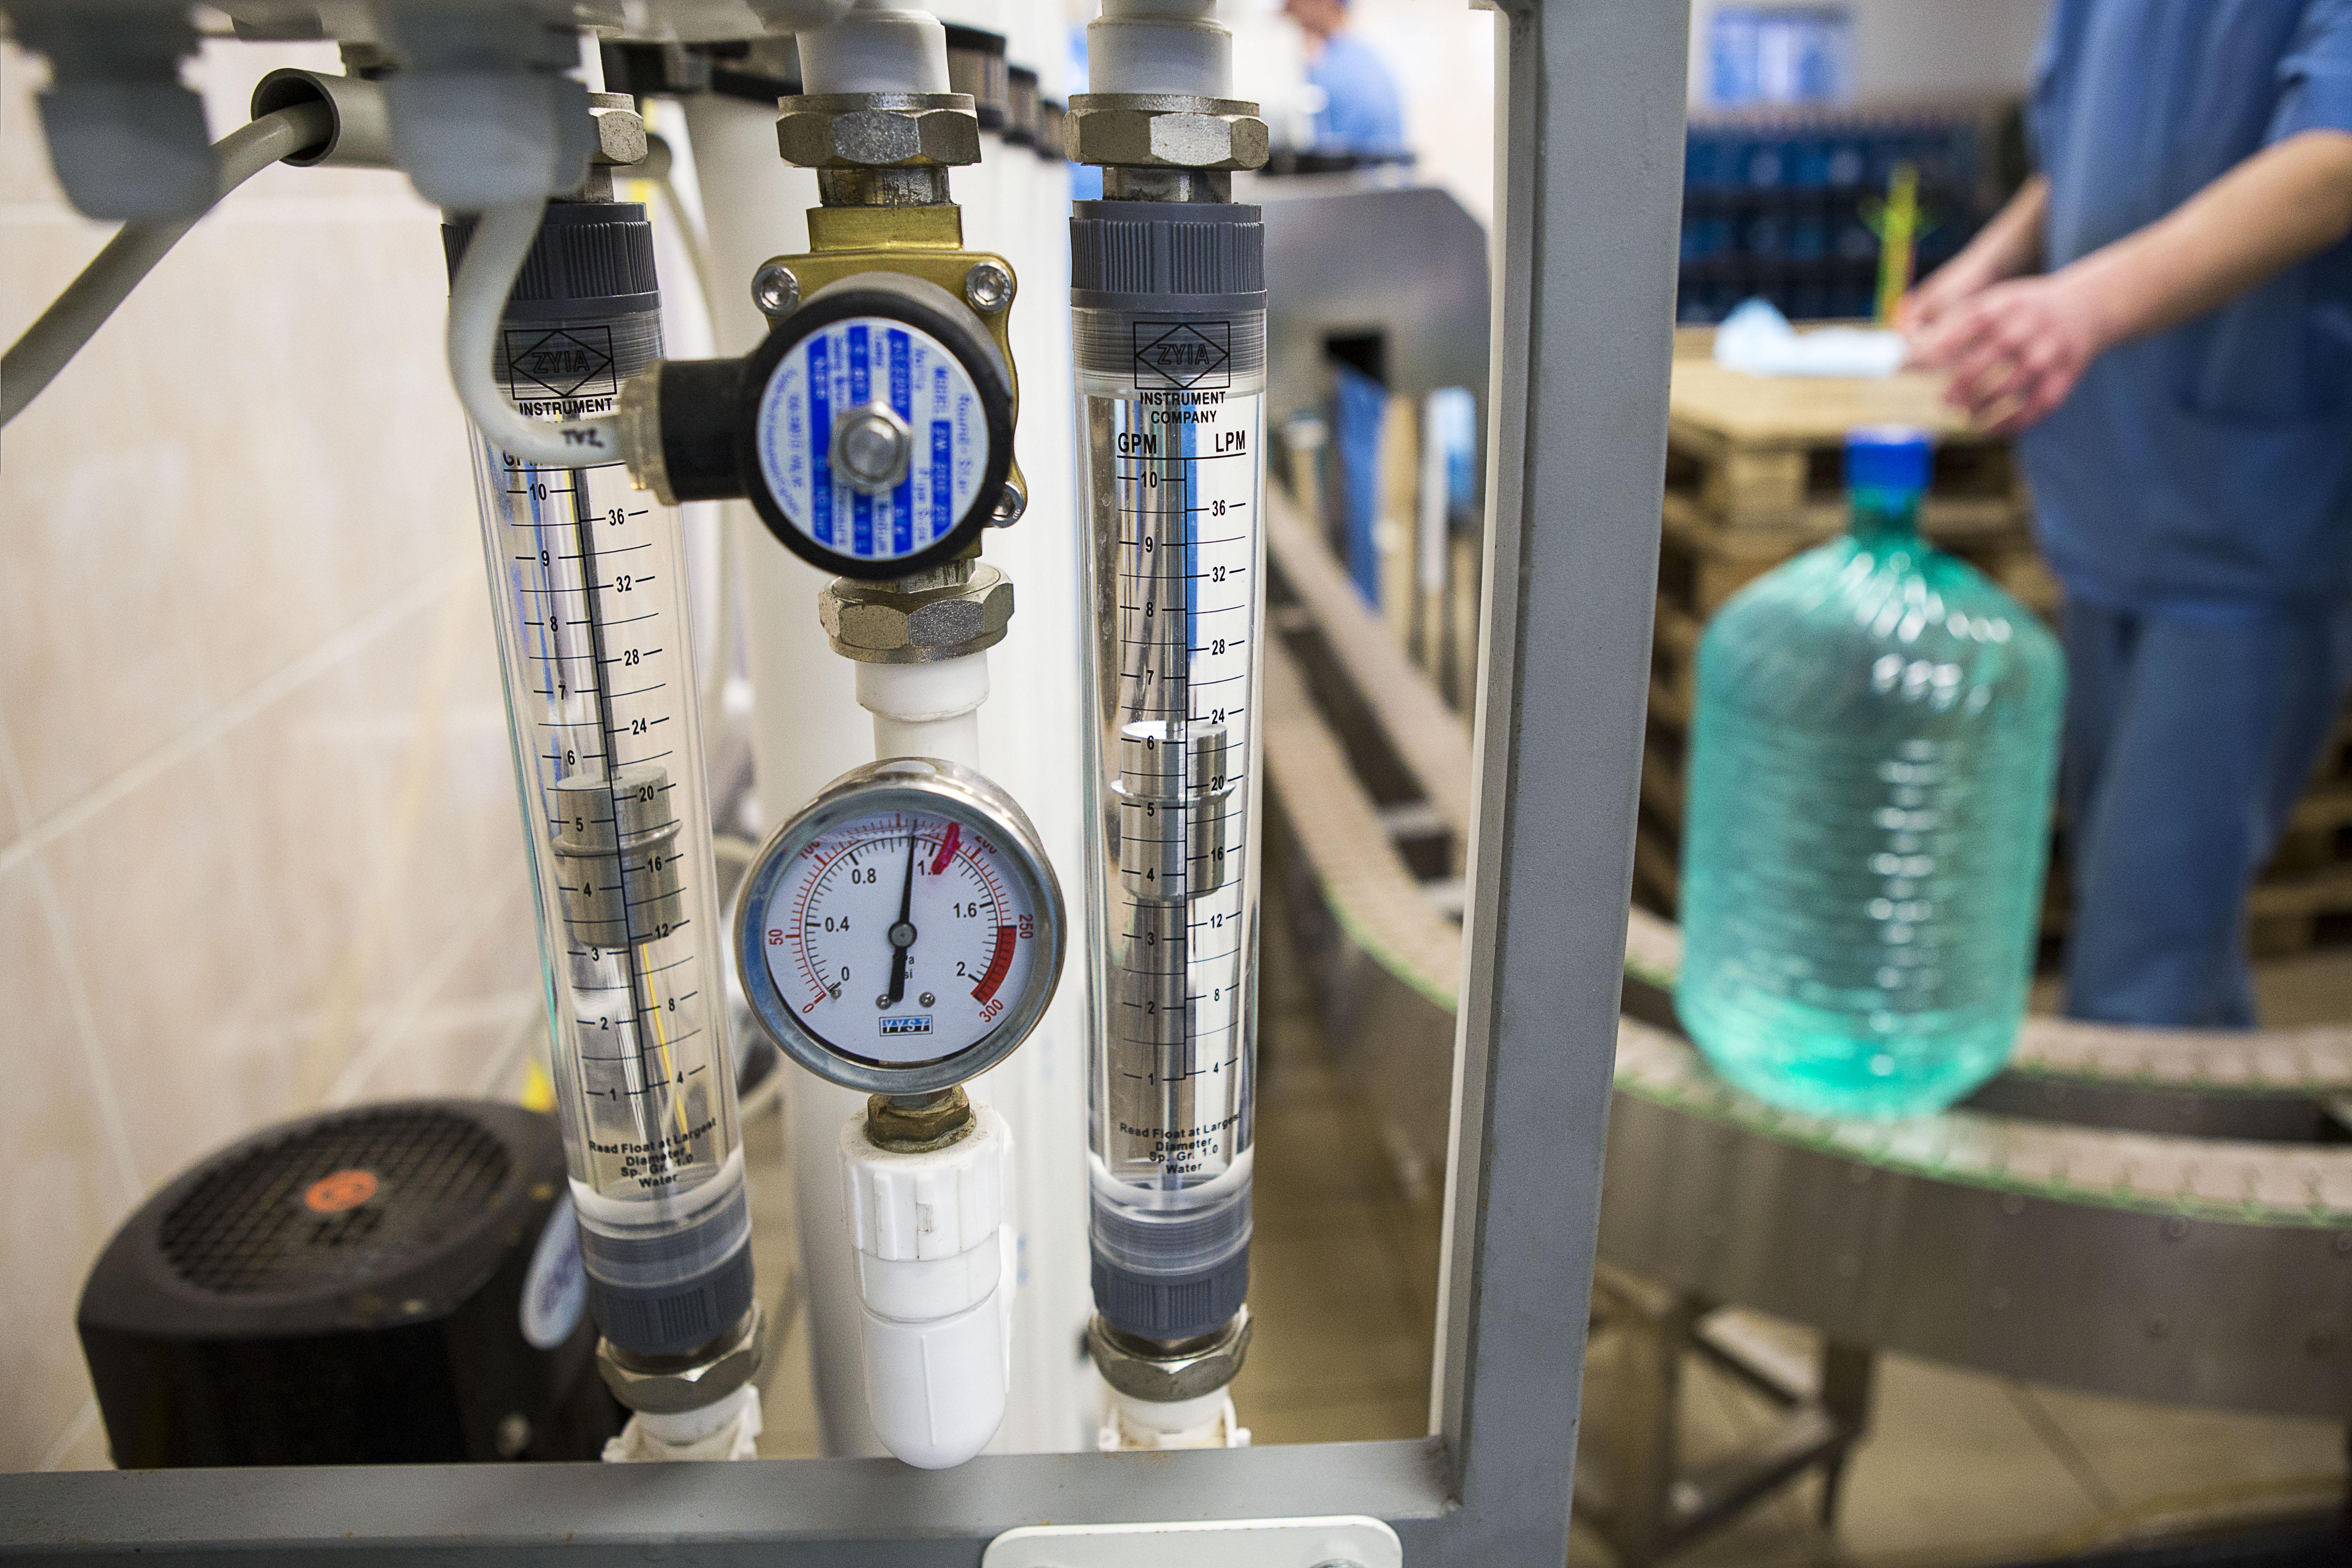 Обратный осмос - метод, когда вода под давлением проходит через специальную синтетическую мембрану.